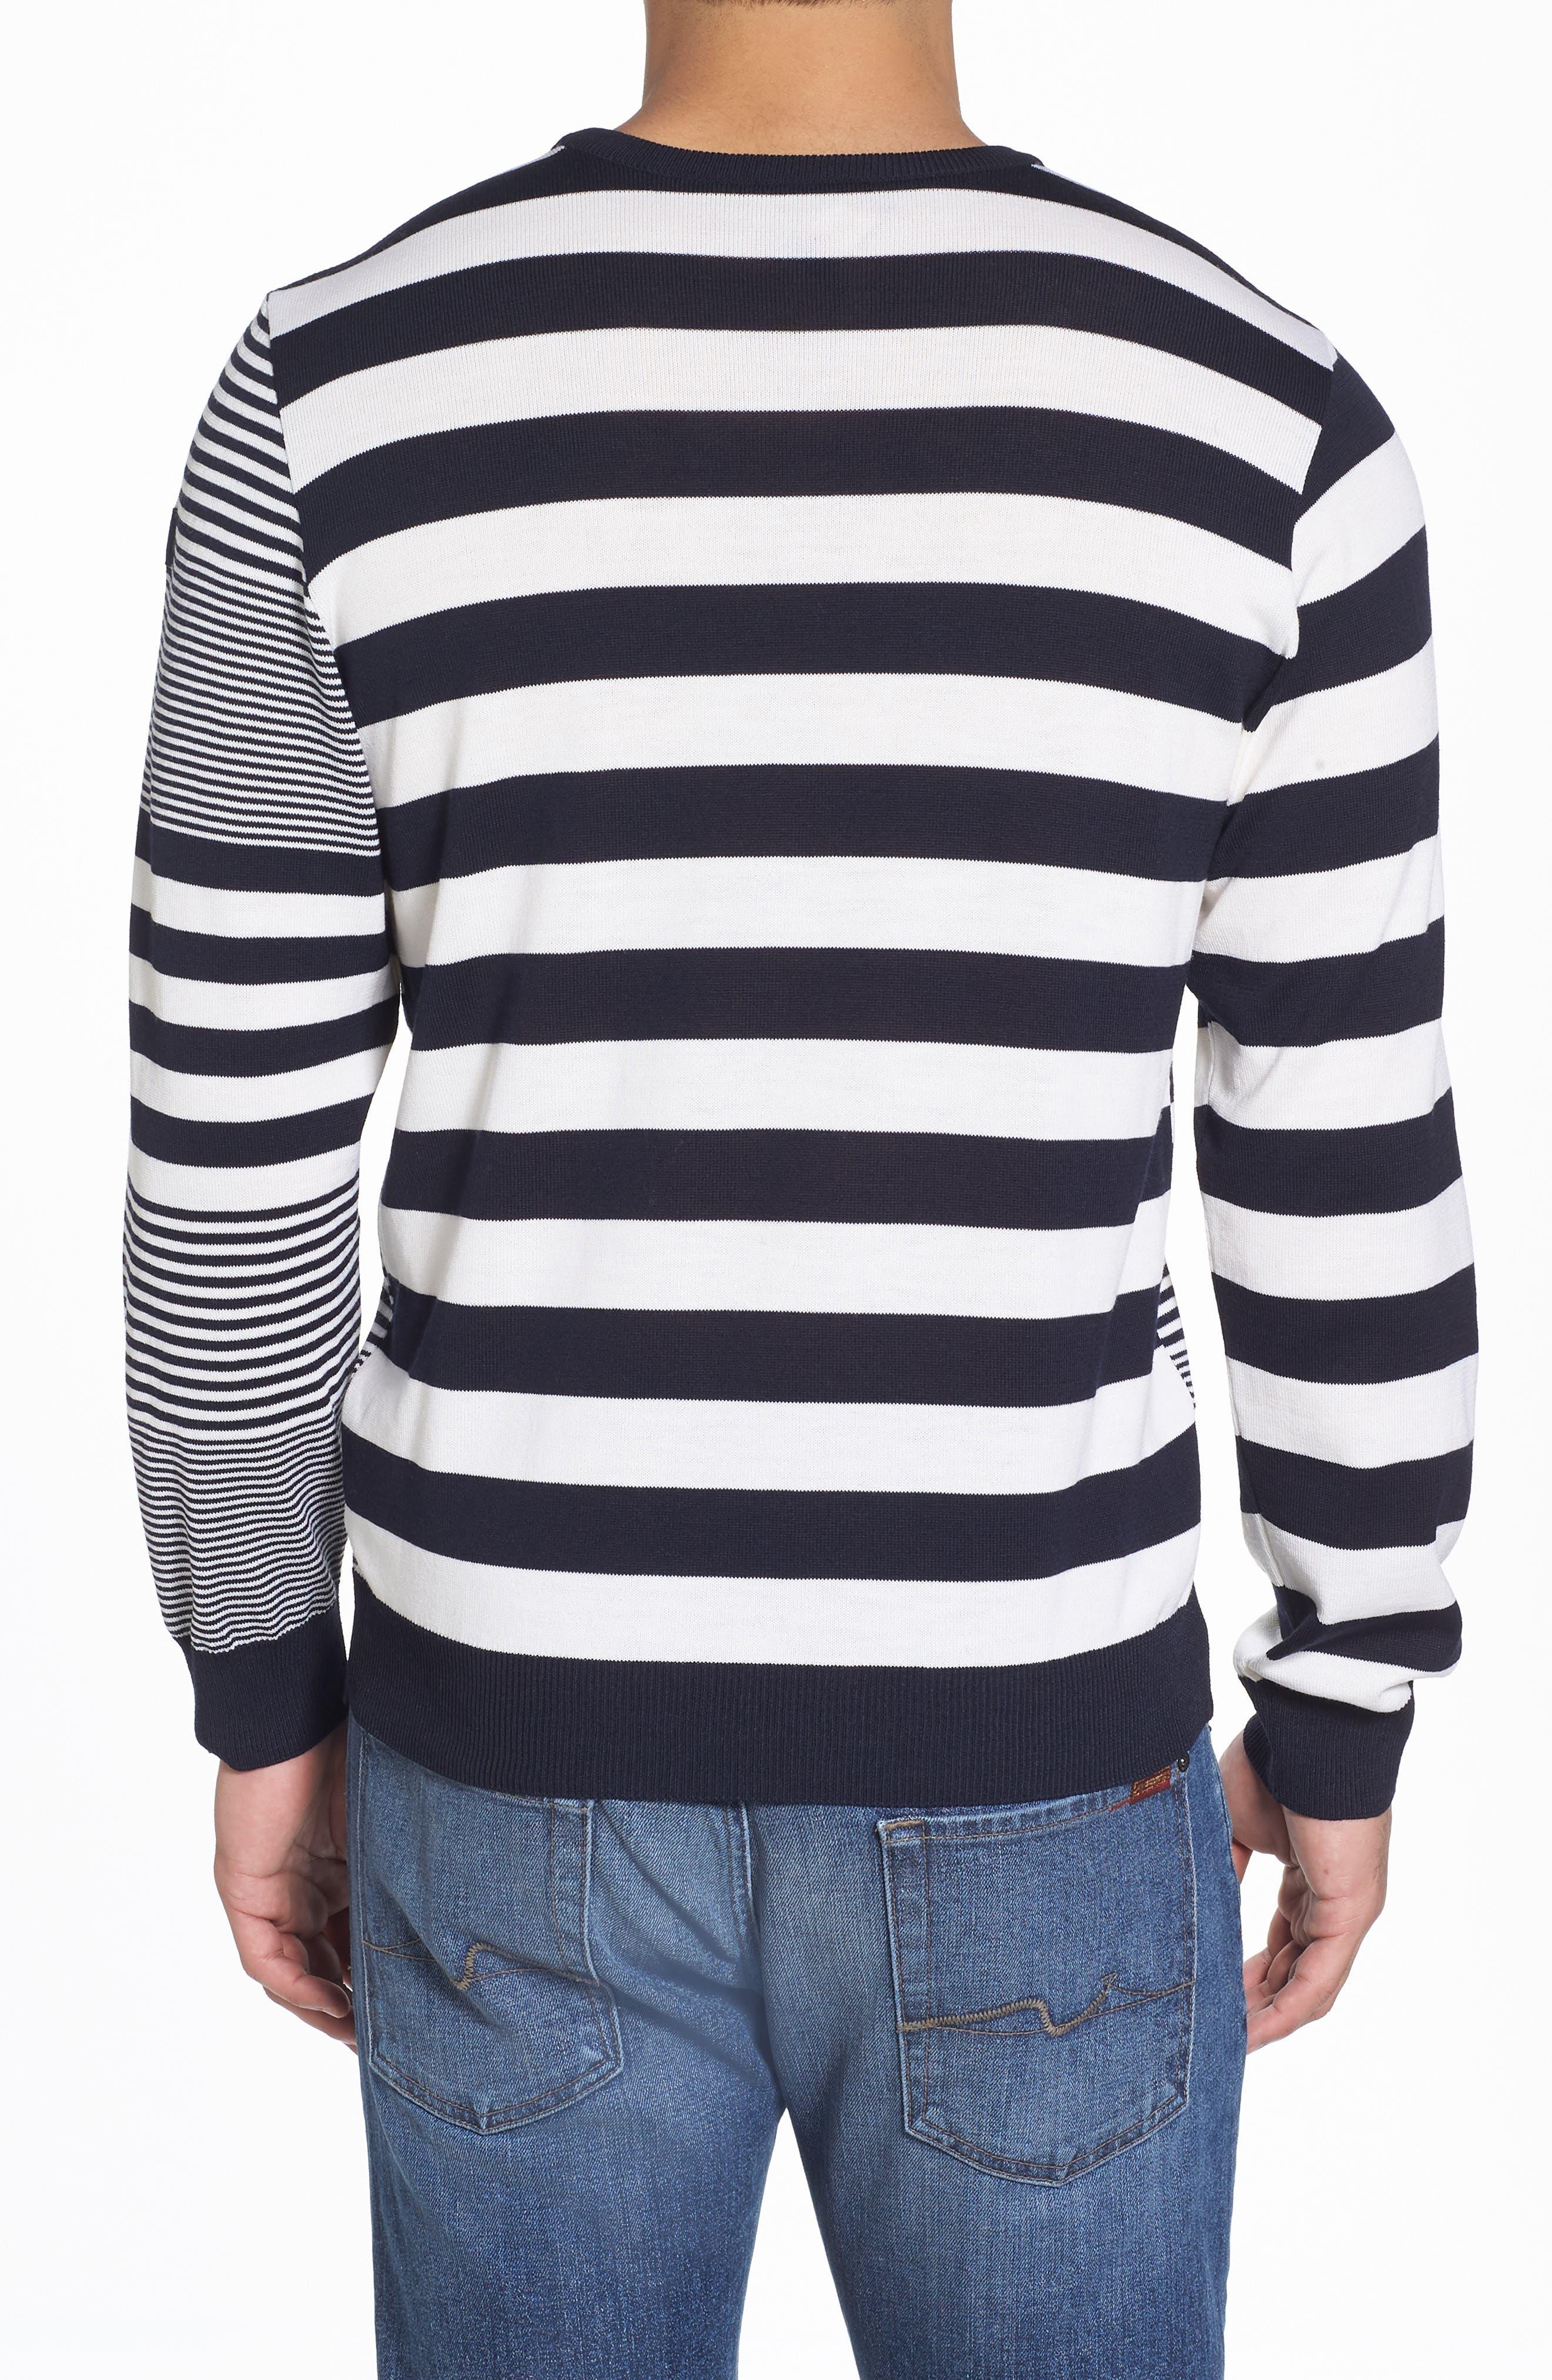 Paul&Shark Stripe Wool Sweater,                             Alternate thumbnail 2, color,                             Navy/ White